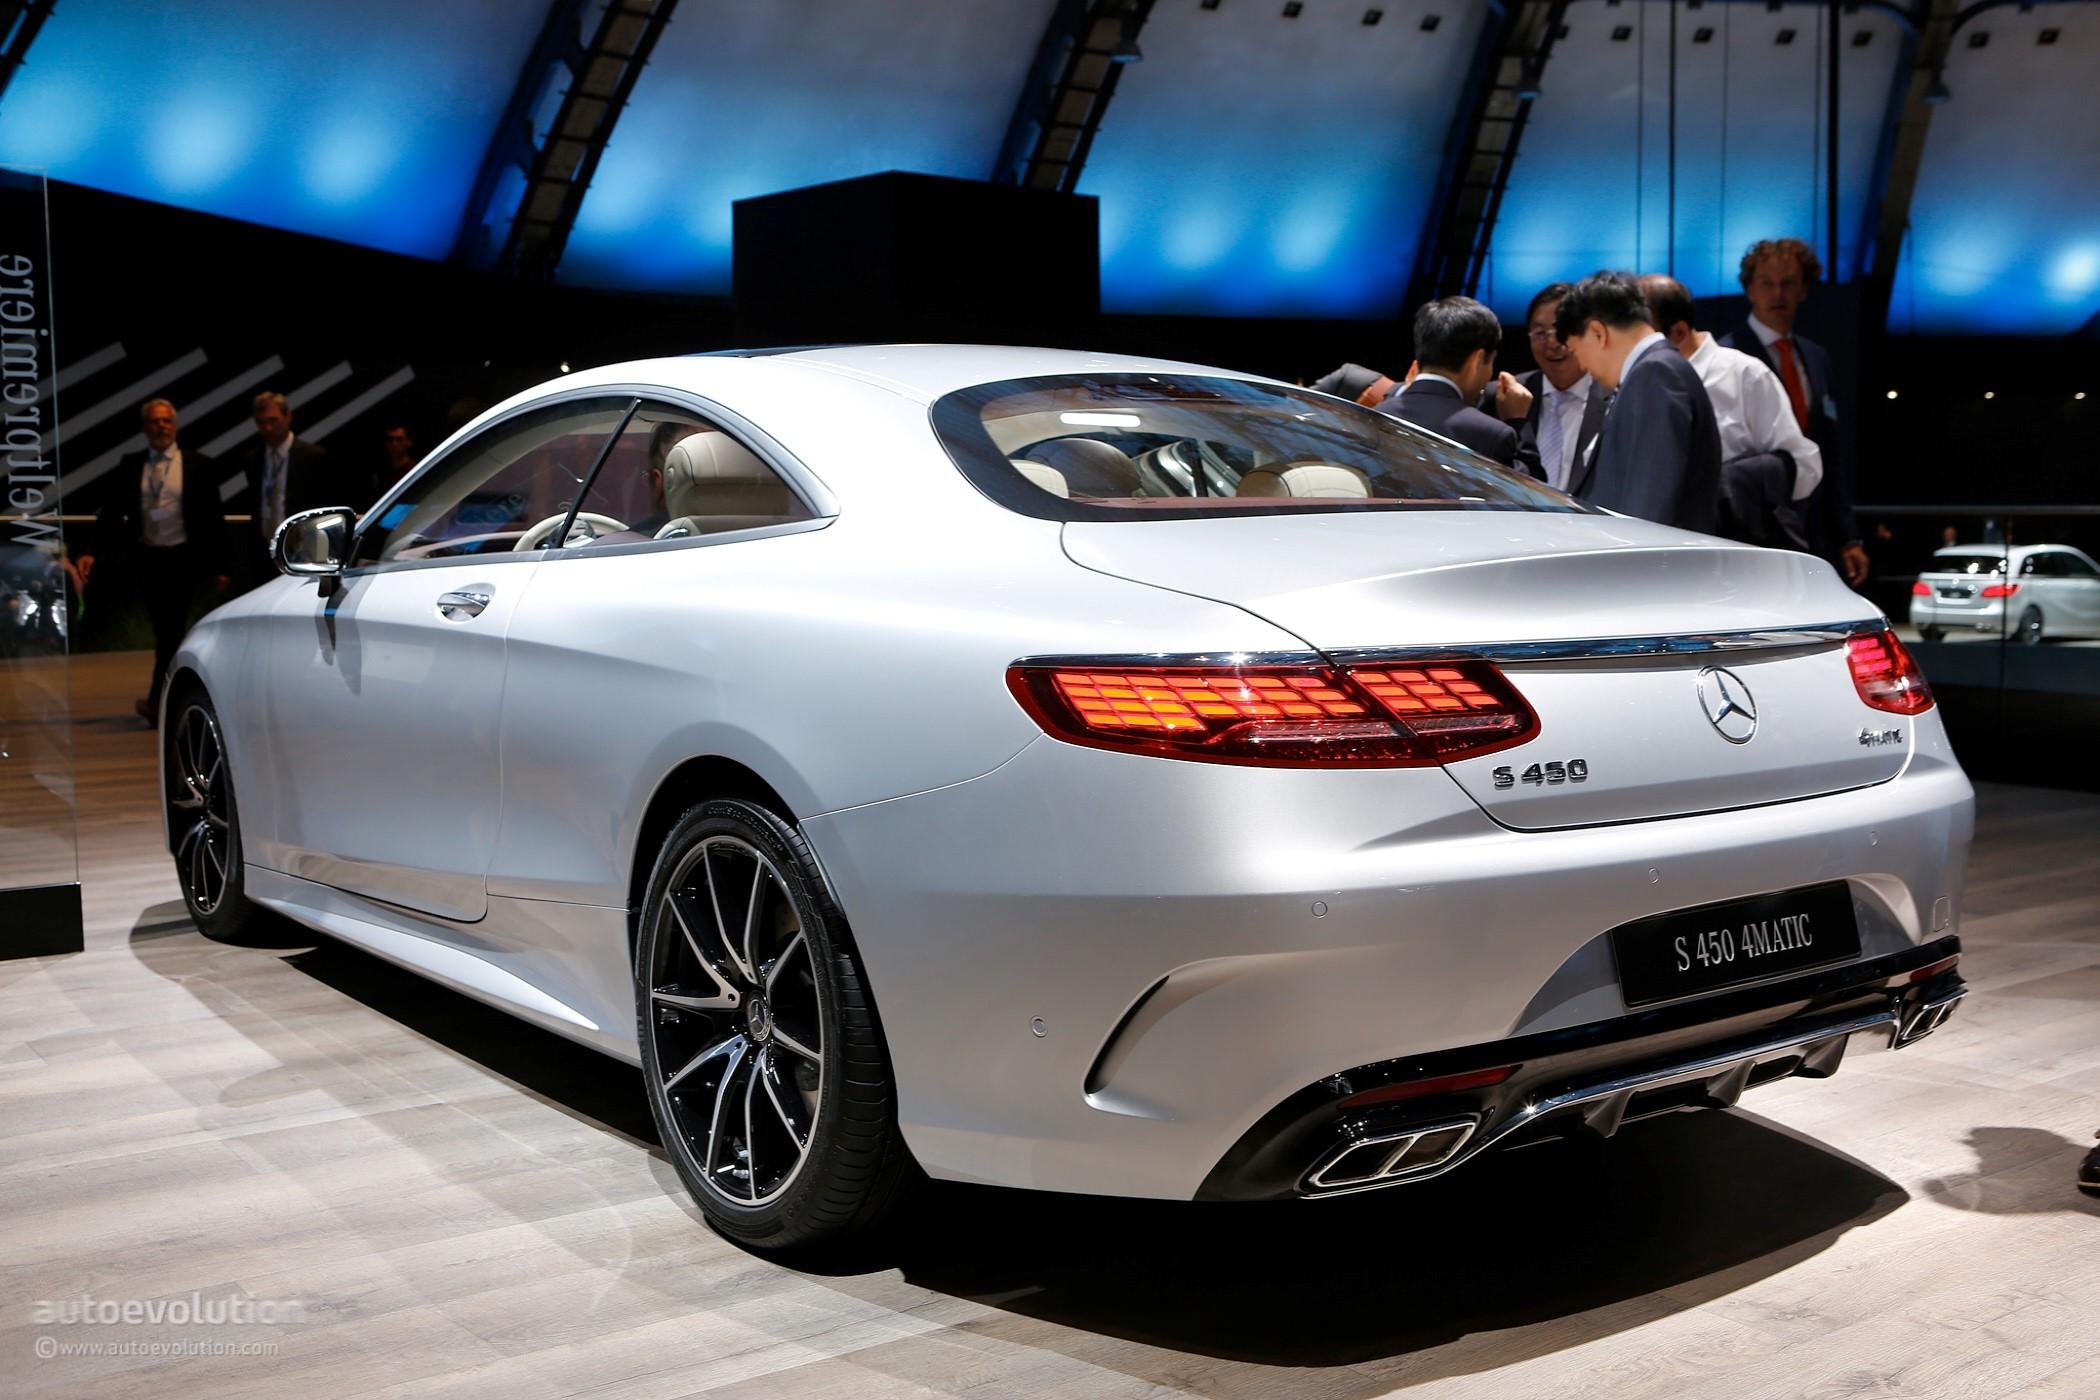 S Class Coupe >> Salón de Frankfurt 2017: Mercedes-Benz Clase S Coupé 2018, rediseñado y más potente | Lista de ...